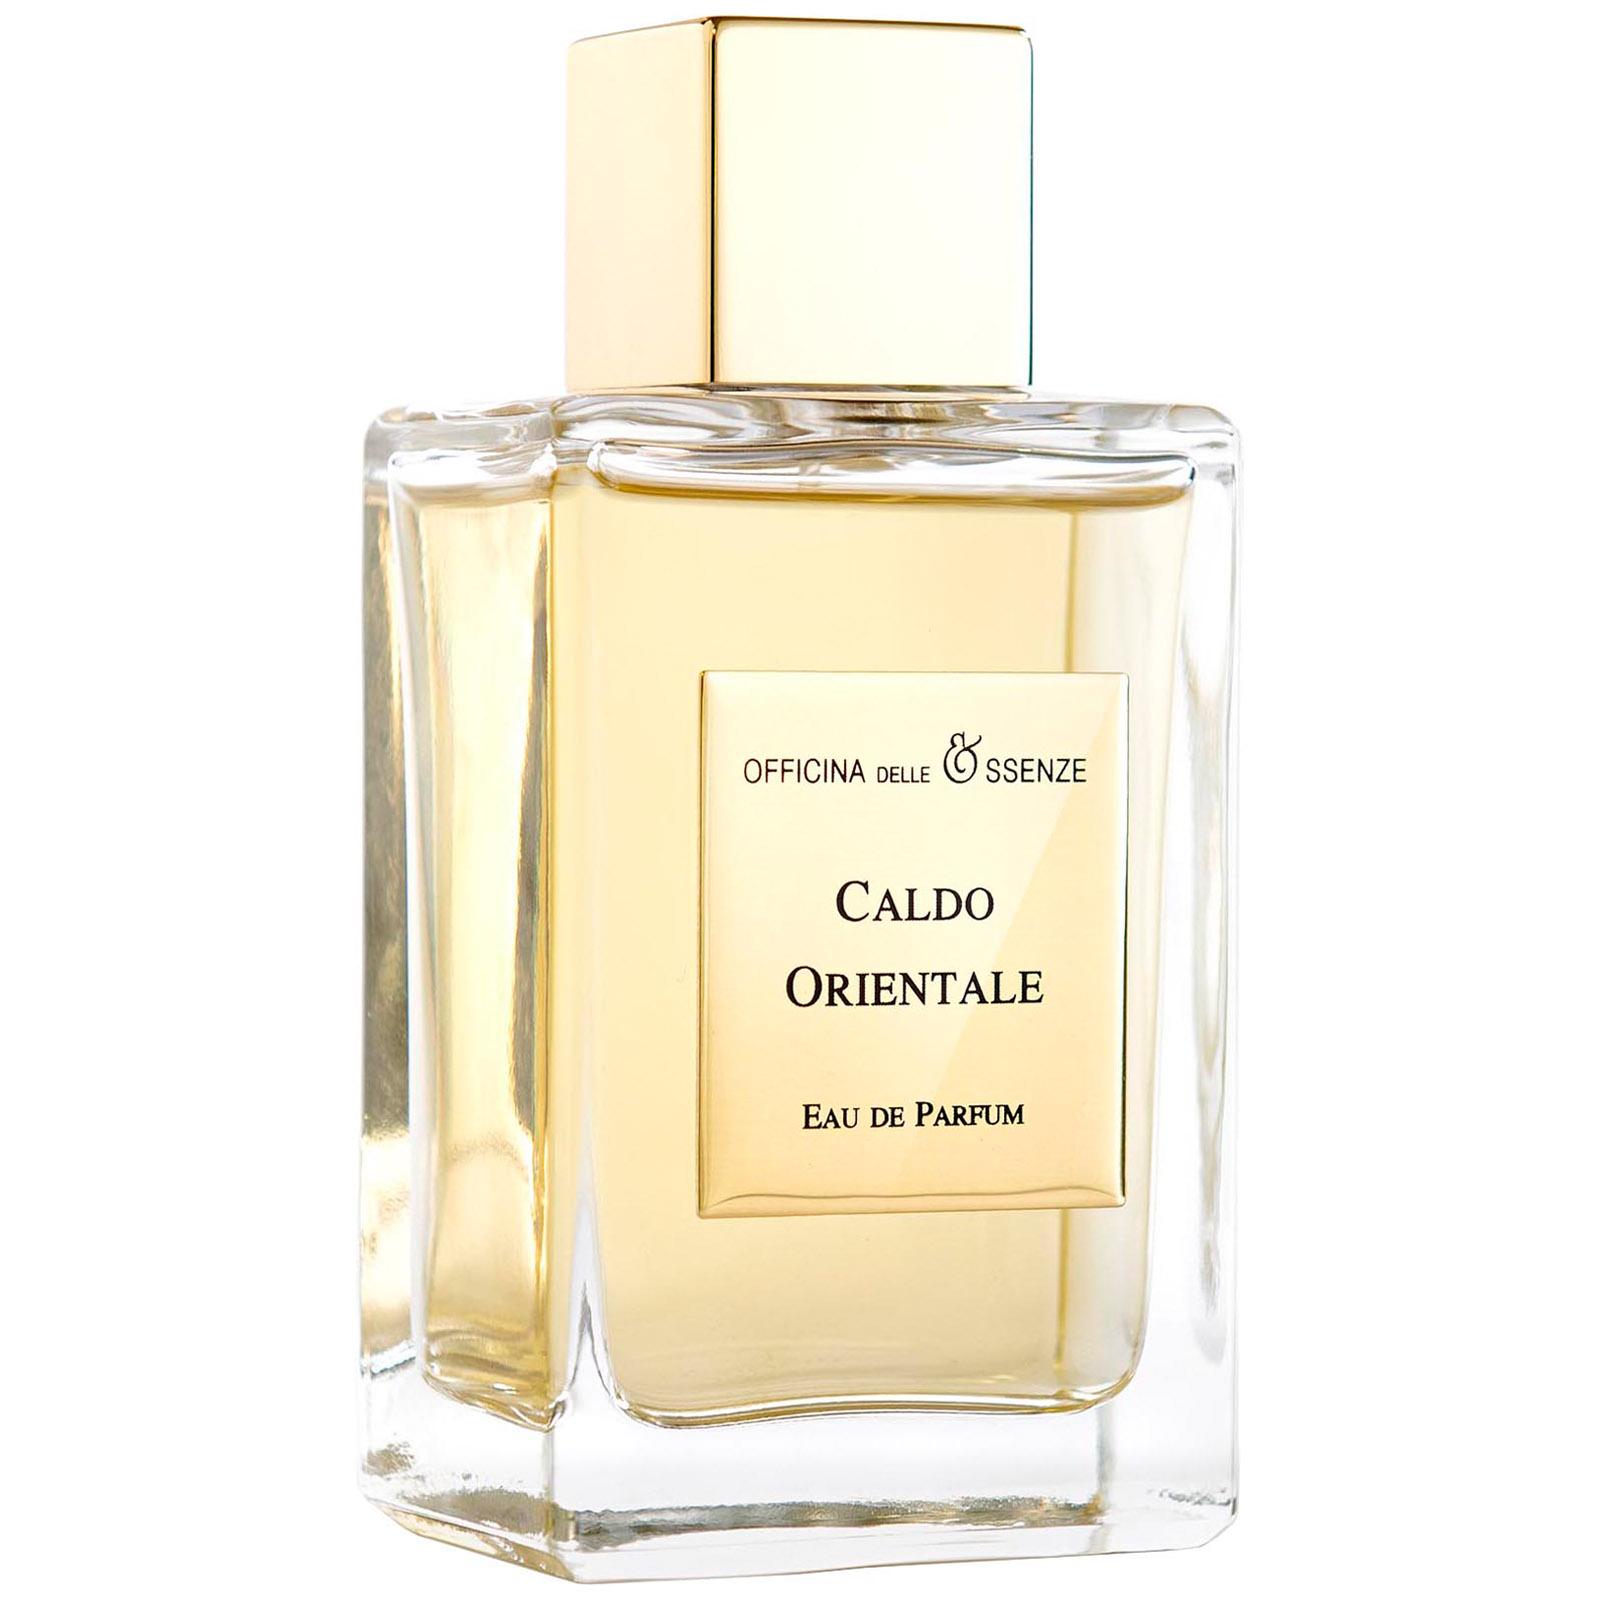 Caldo orientale profumo eau de parfum 100 ml